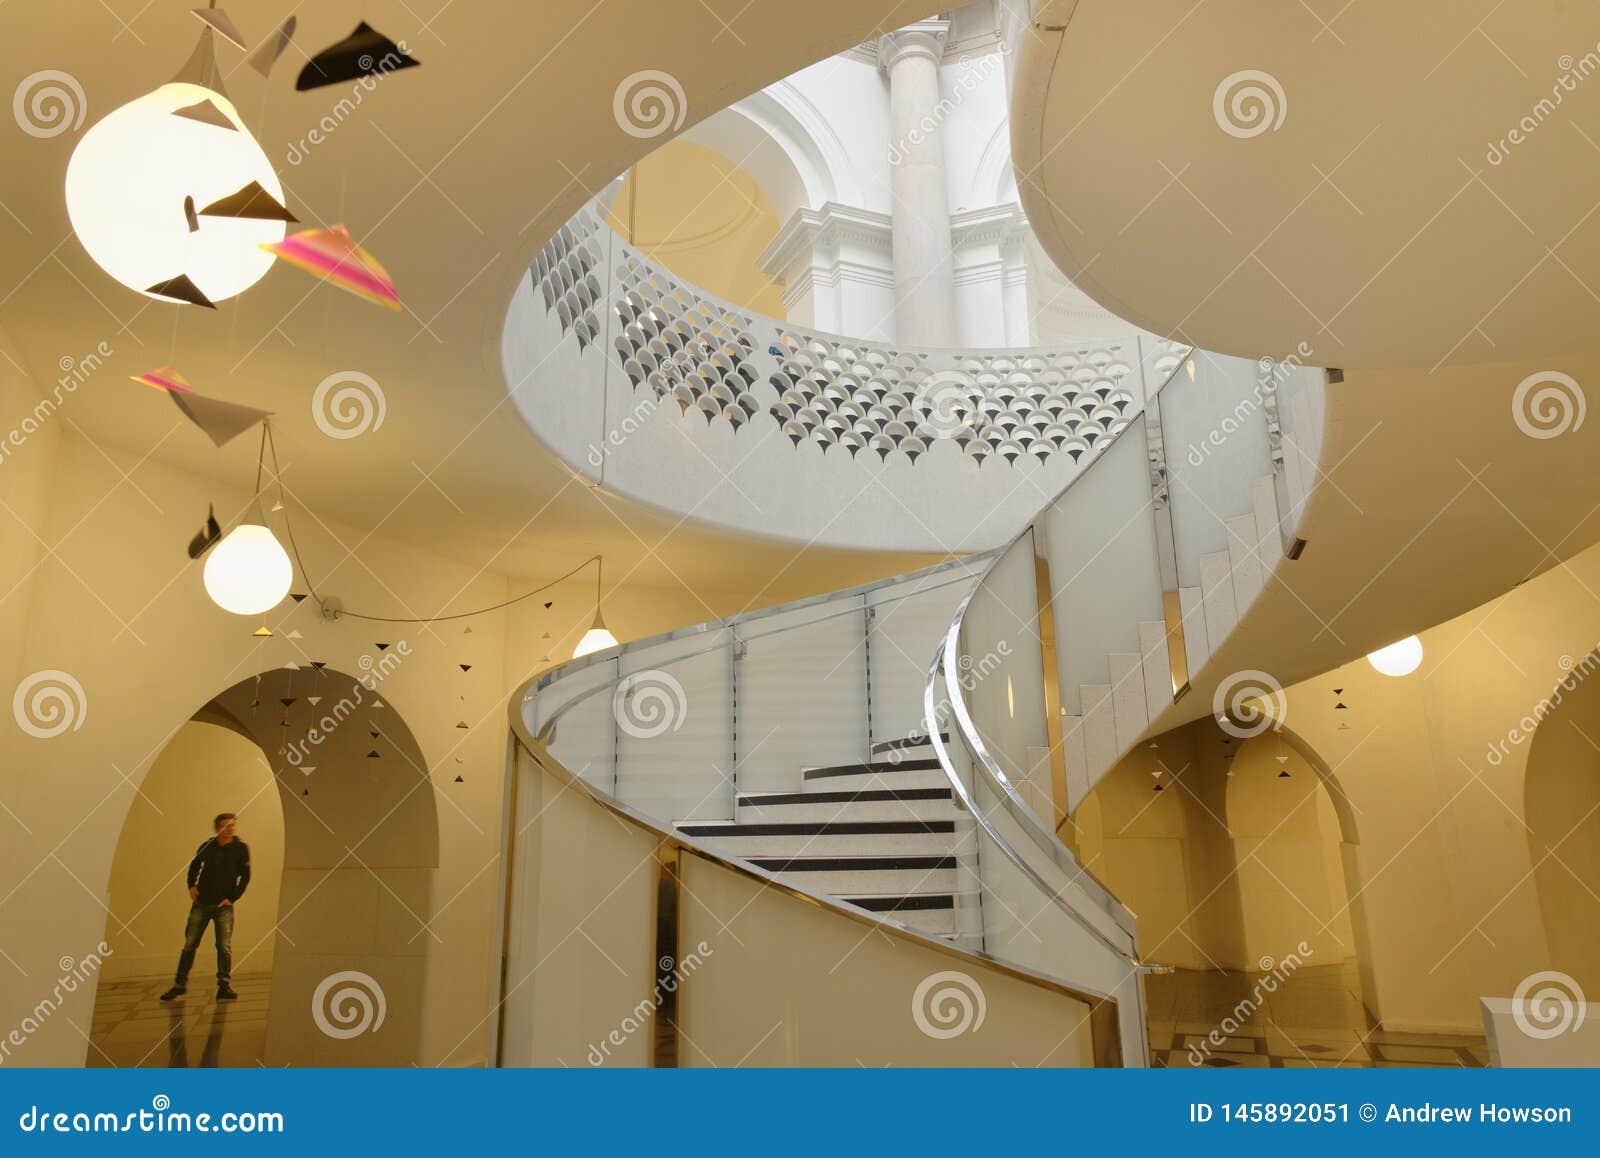 Tate Britain Spiral Staircase alinhadores longitudinais arquitet?nicos Colunas cl?ssicas